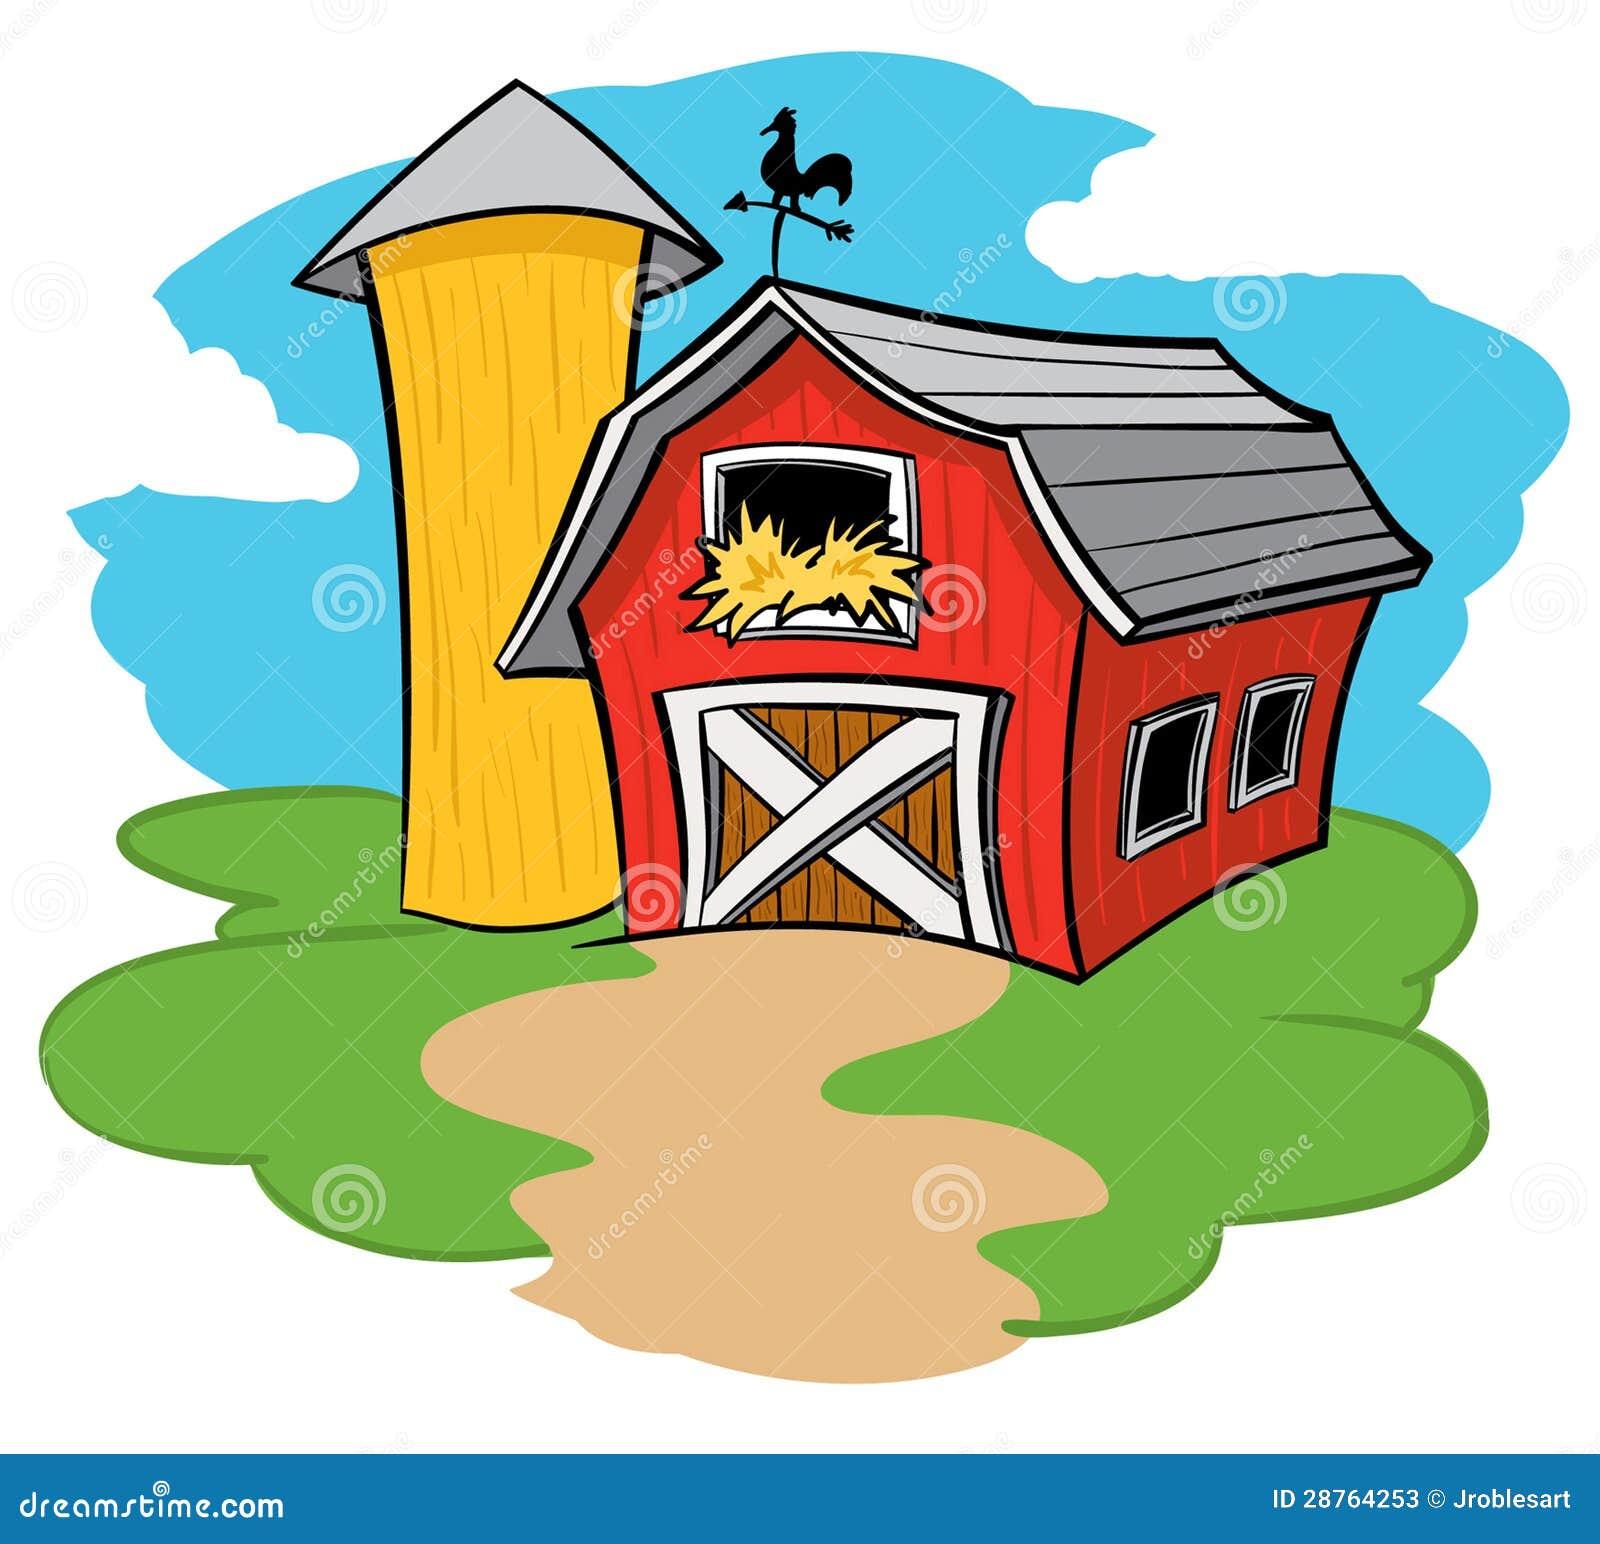 Barn and Silo on a farm with a sunny blue sky.